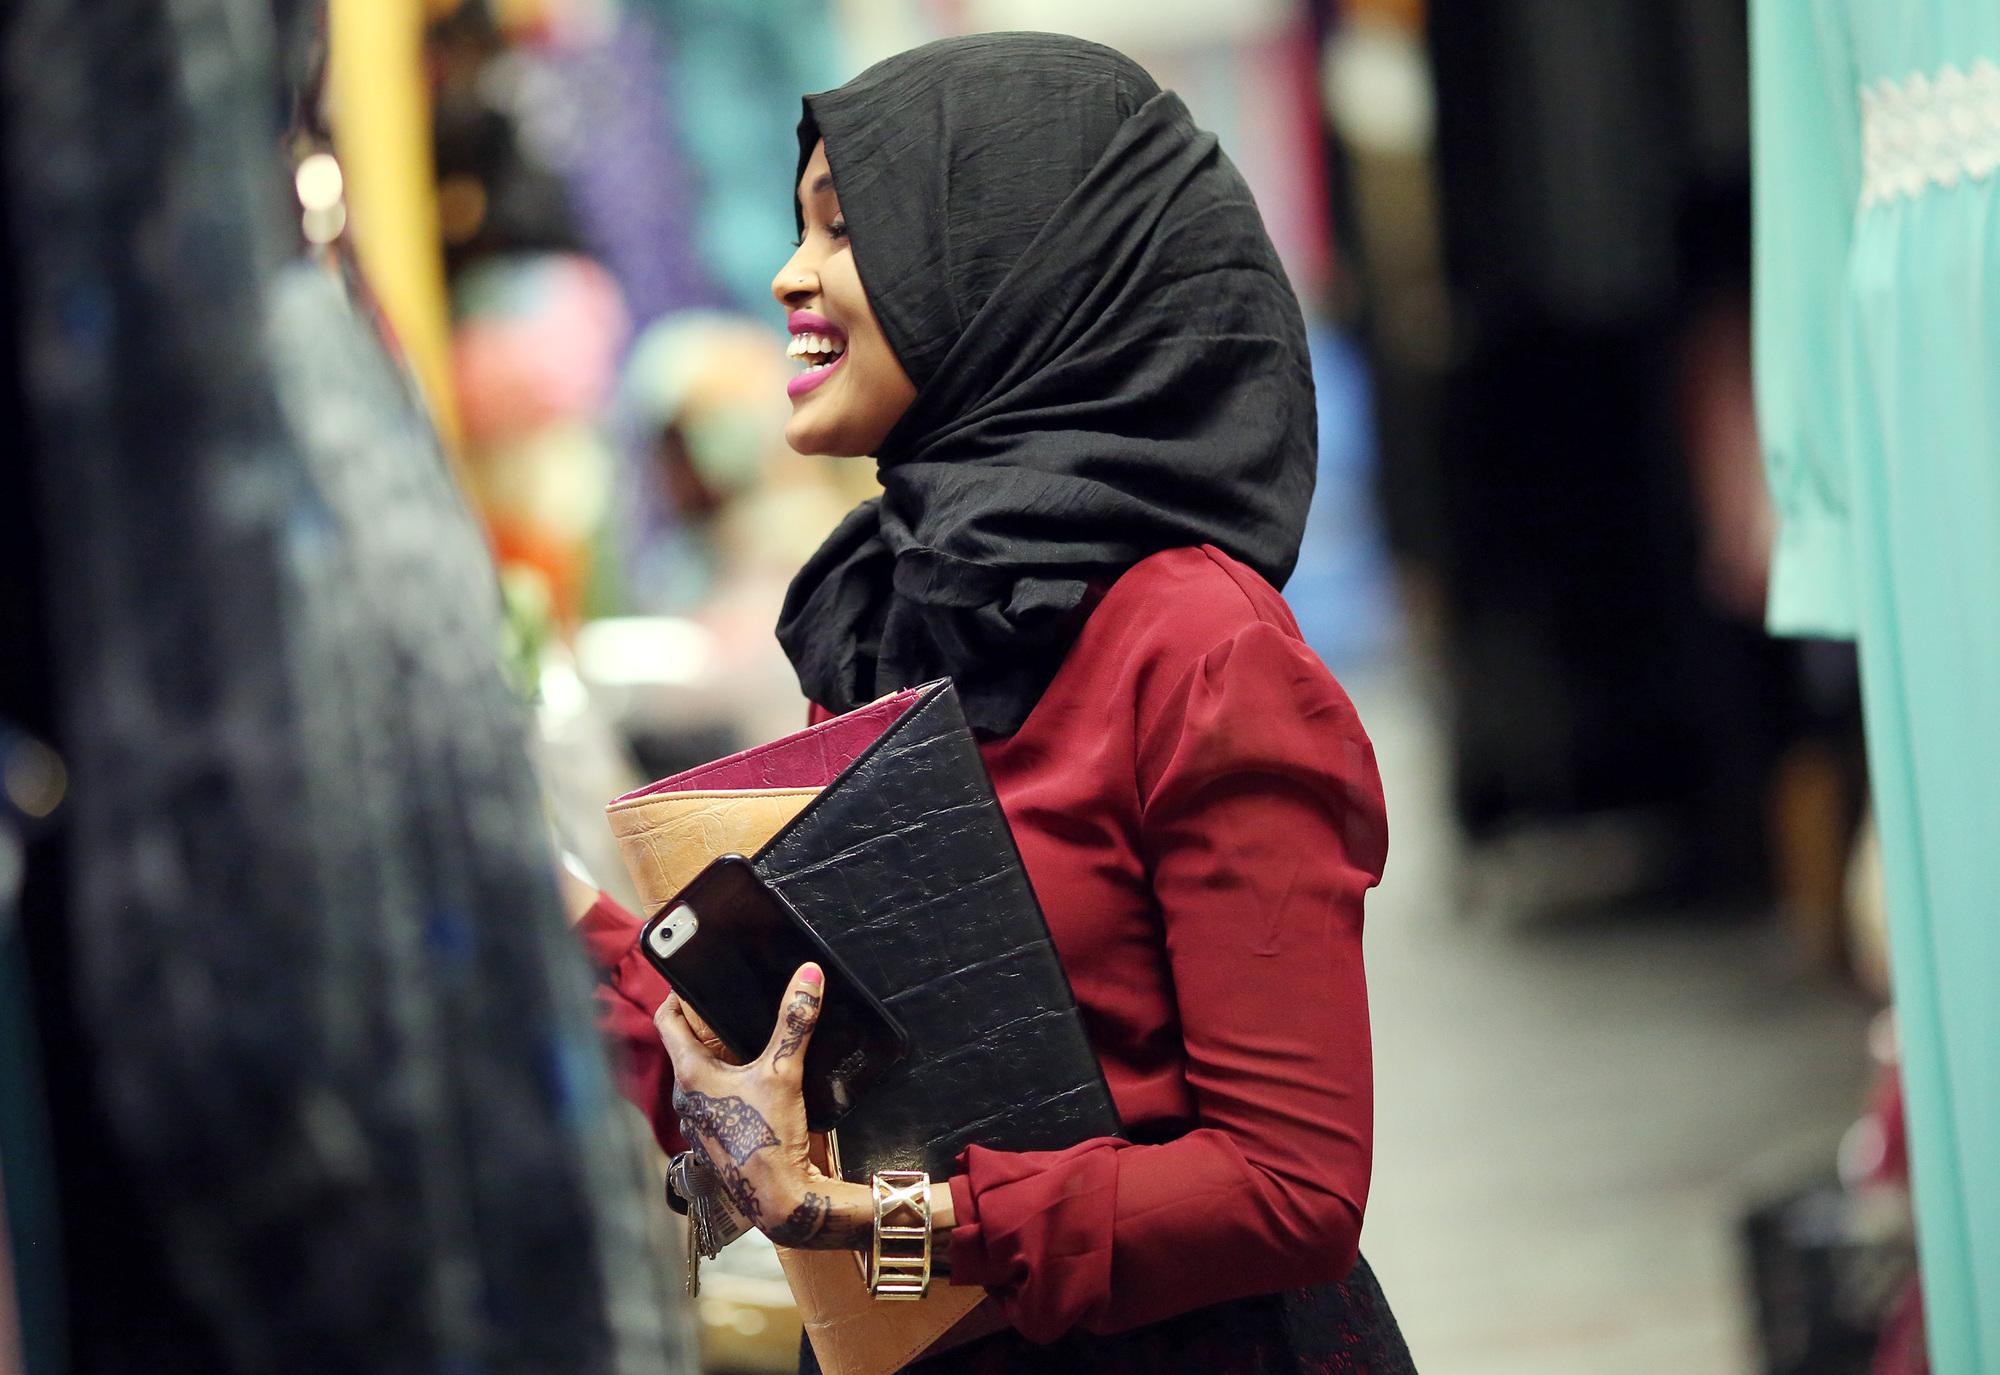 Somali clothing store minneapolis